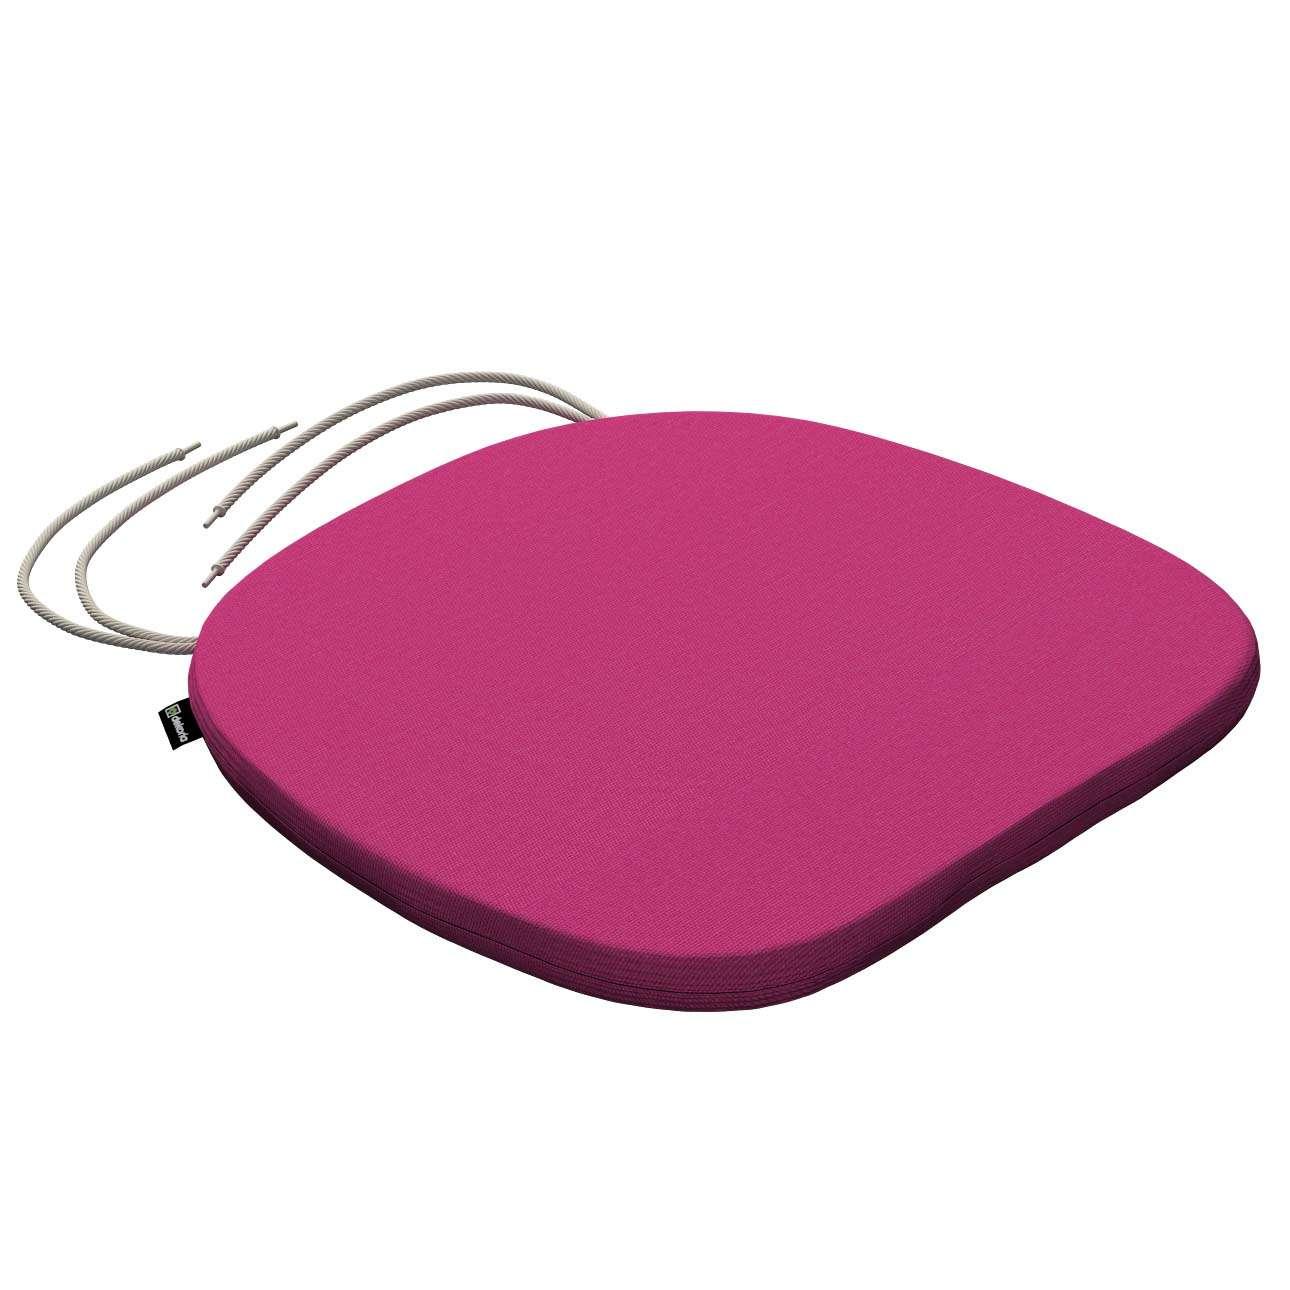 Siedzisko Bartek na krzesło 40x37x2,5cm w kolekcji Loneta, tkanina: 133-60